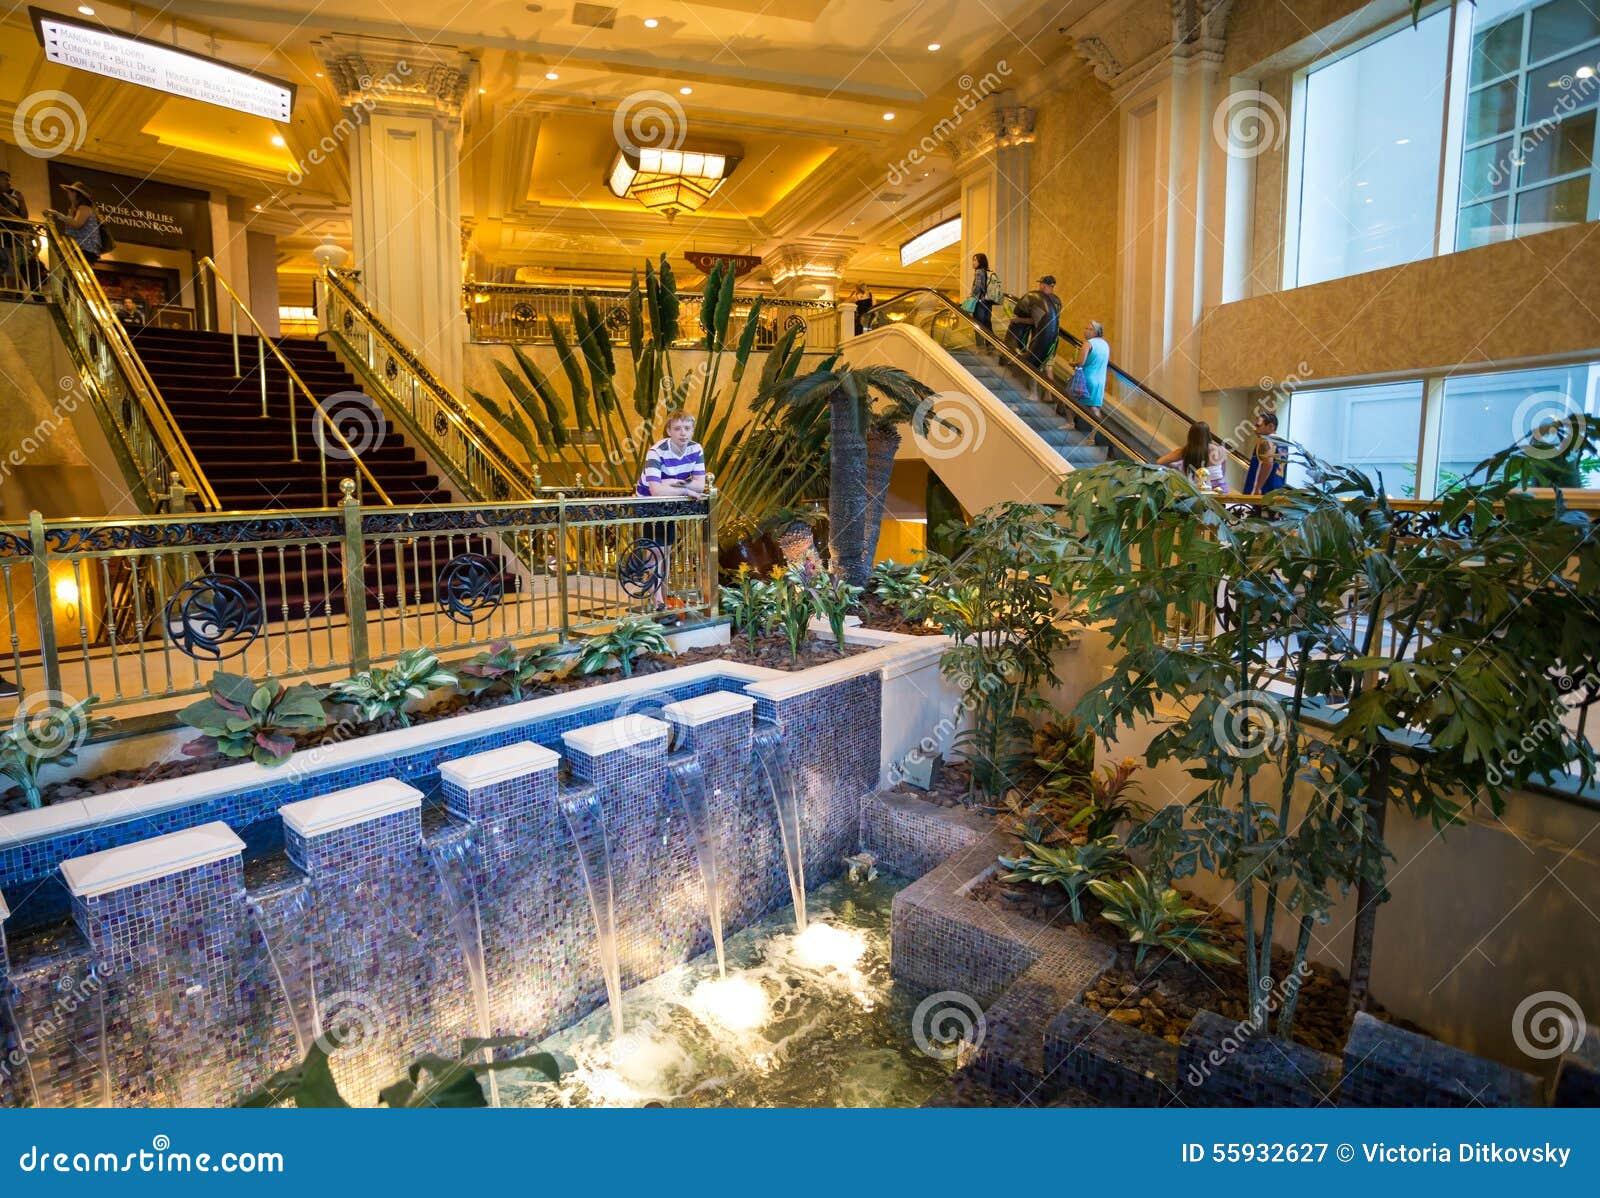 Mandalay bay resort hotel and casino gambling and alcohol addiction treatment